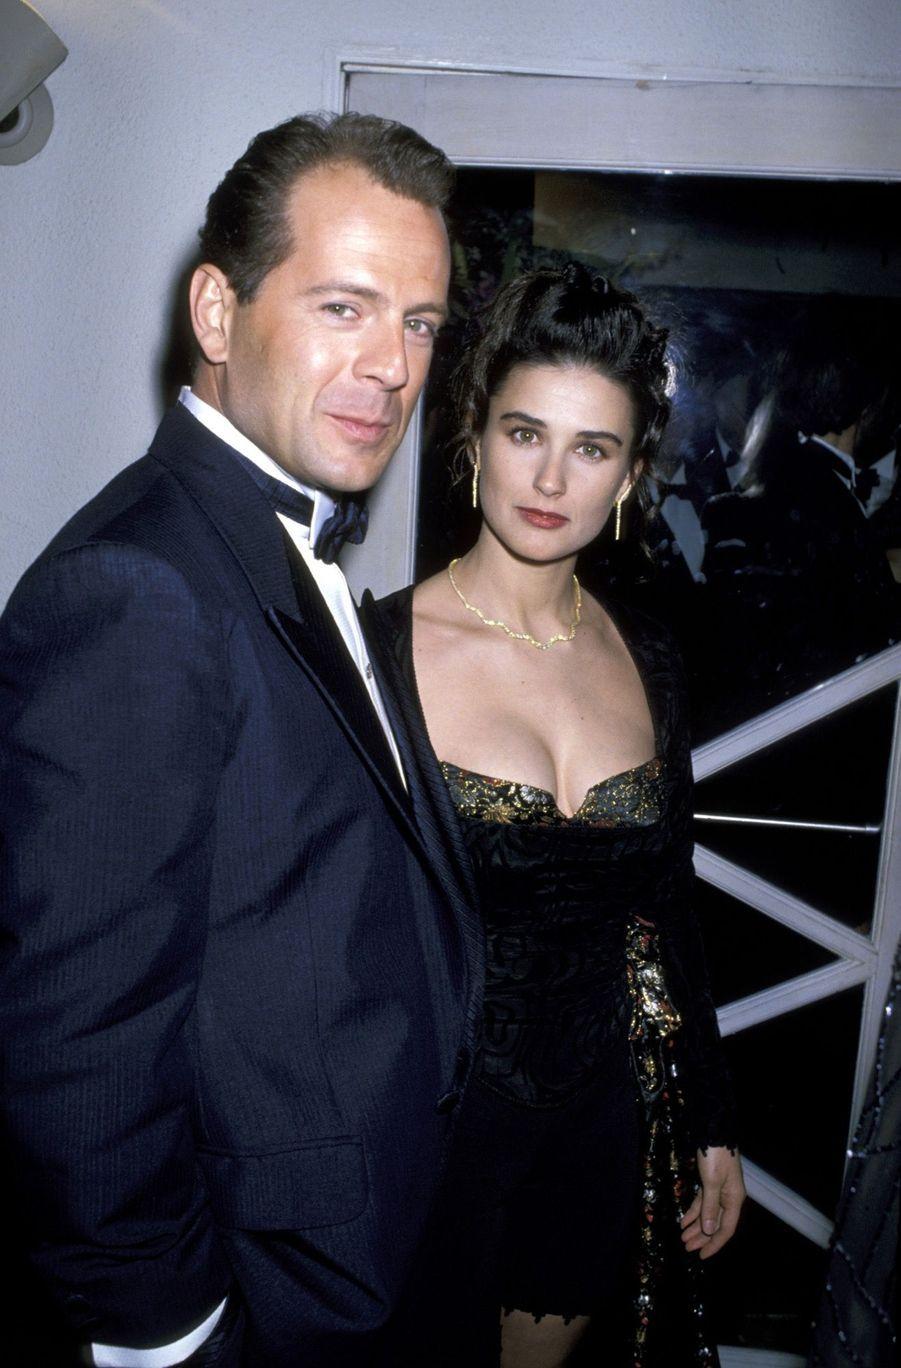 Bruce Willis et Demi Moore à la soirée Swifty Lazar des Oscars, le 29 mars 1989.